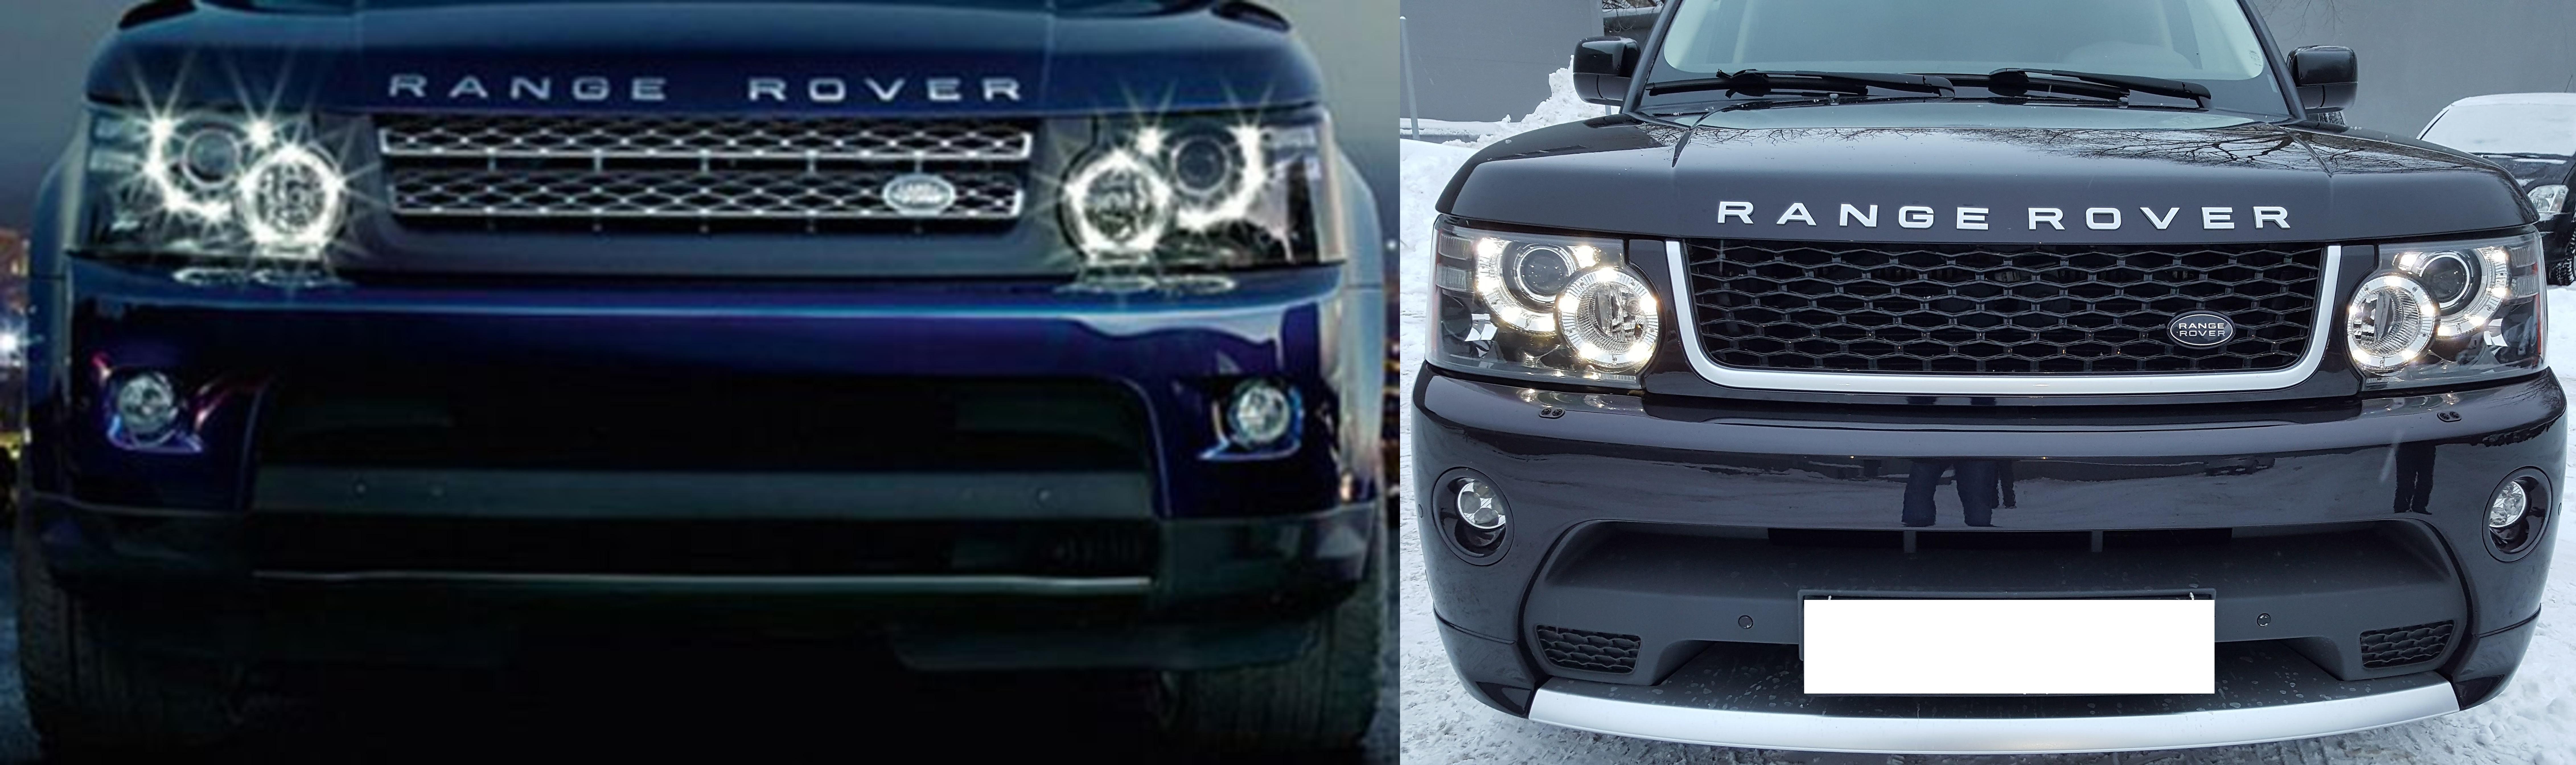 Передний бампер с решеткой Range Rover Sport 2010-2013 Autobiography